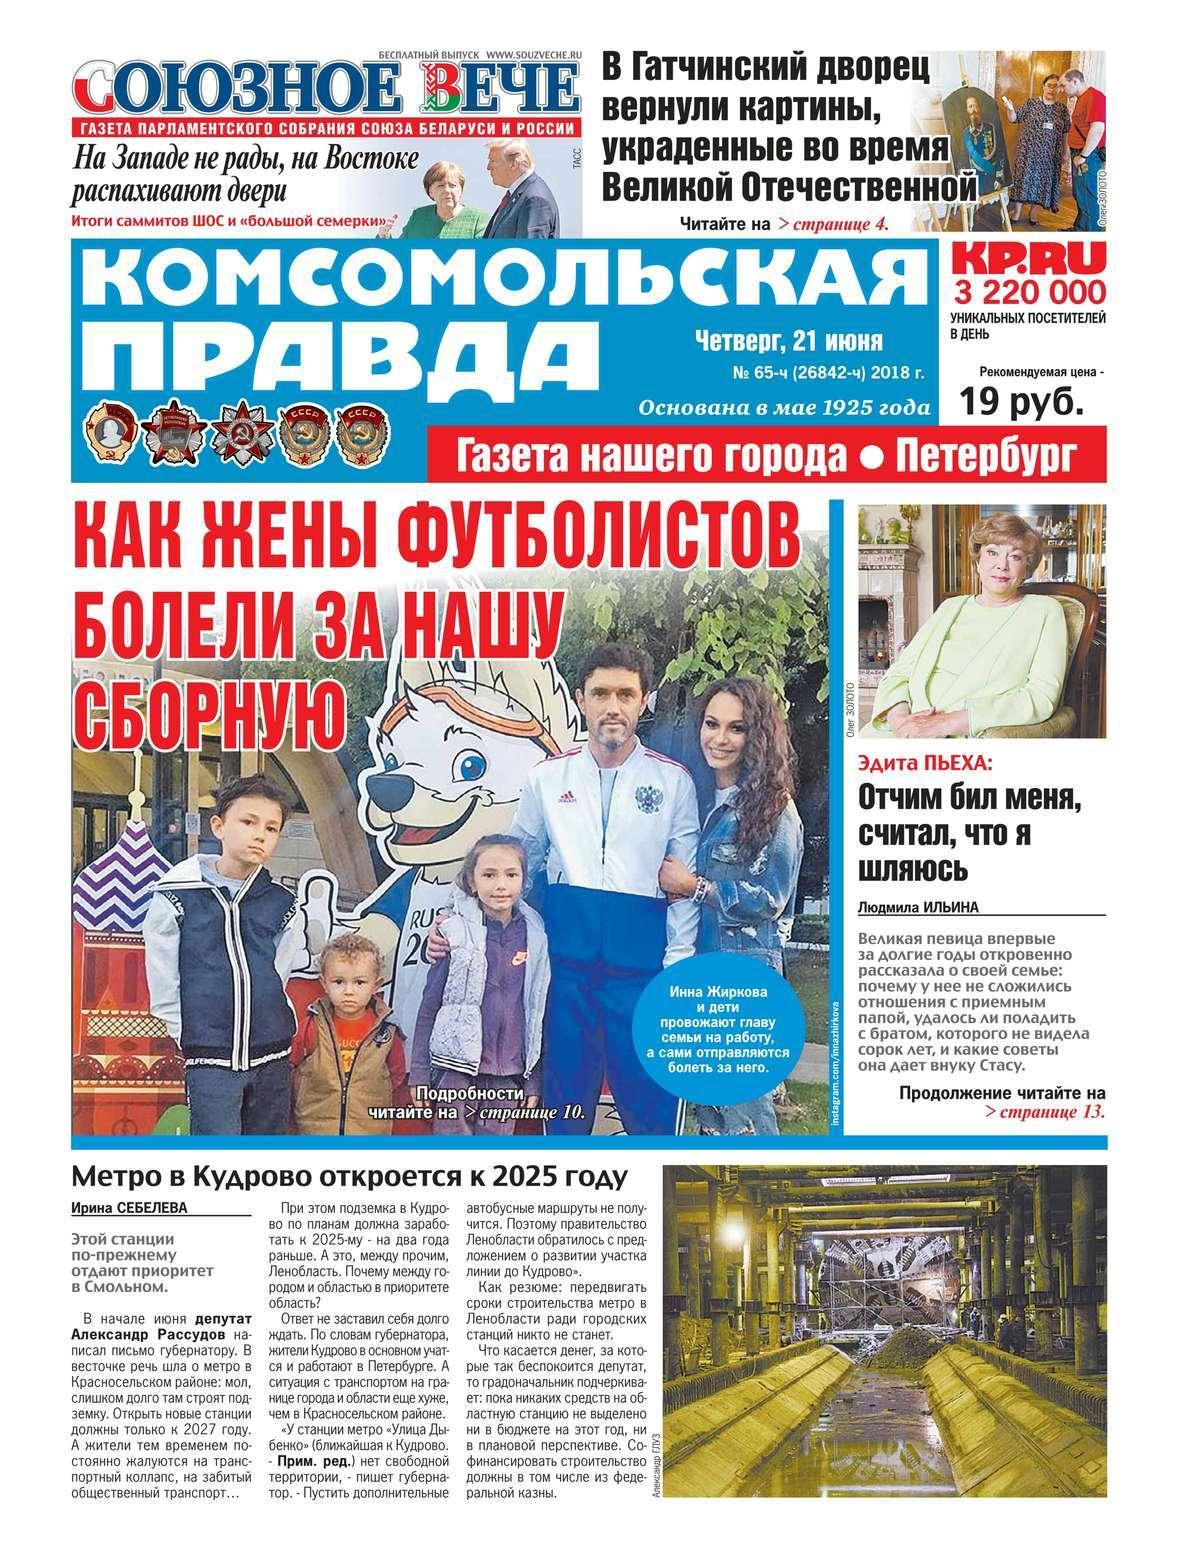 Комсомольская Правда. Санкт-Петербург 65ч-2018